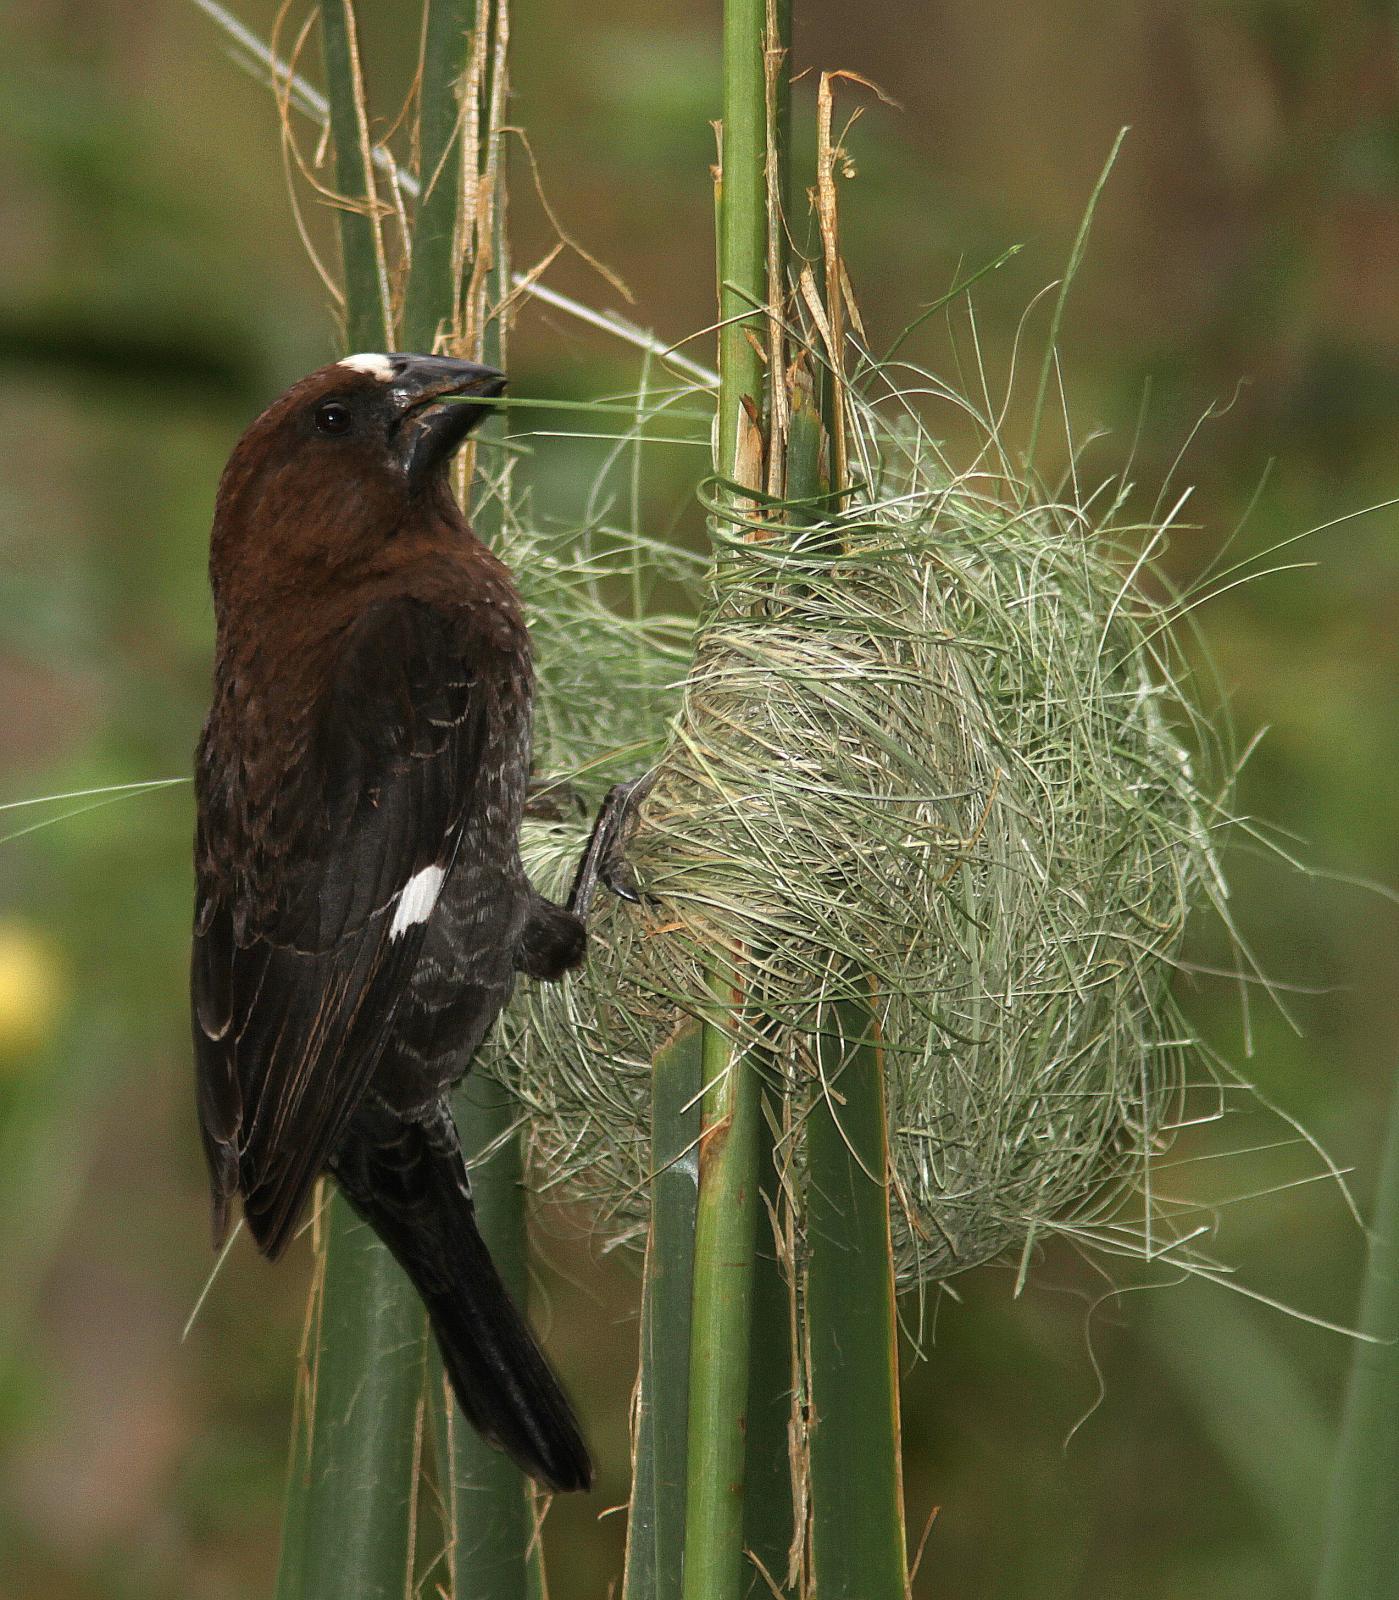 Tổ chim sẻ thợ dệt